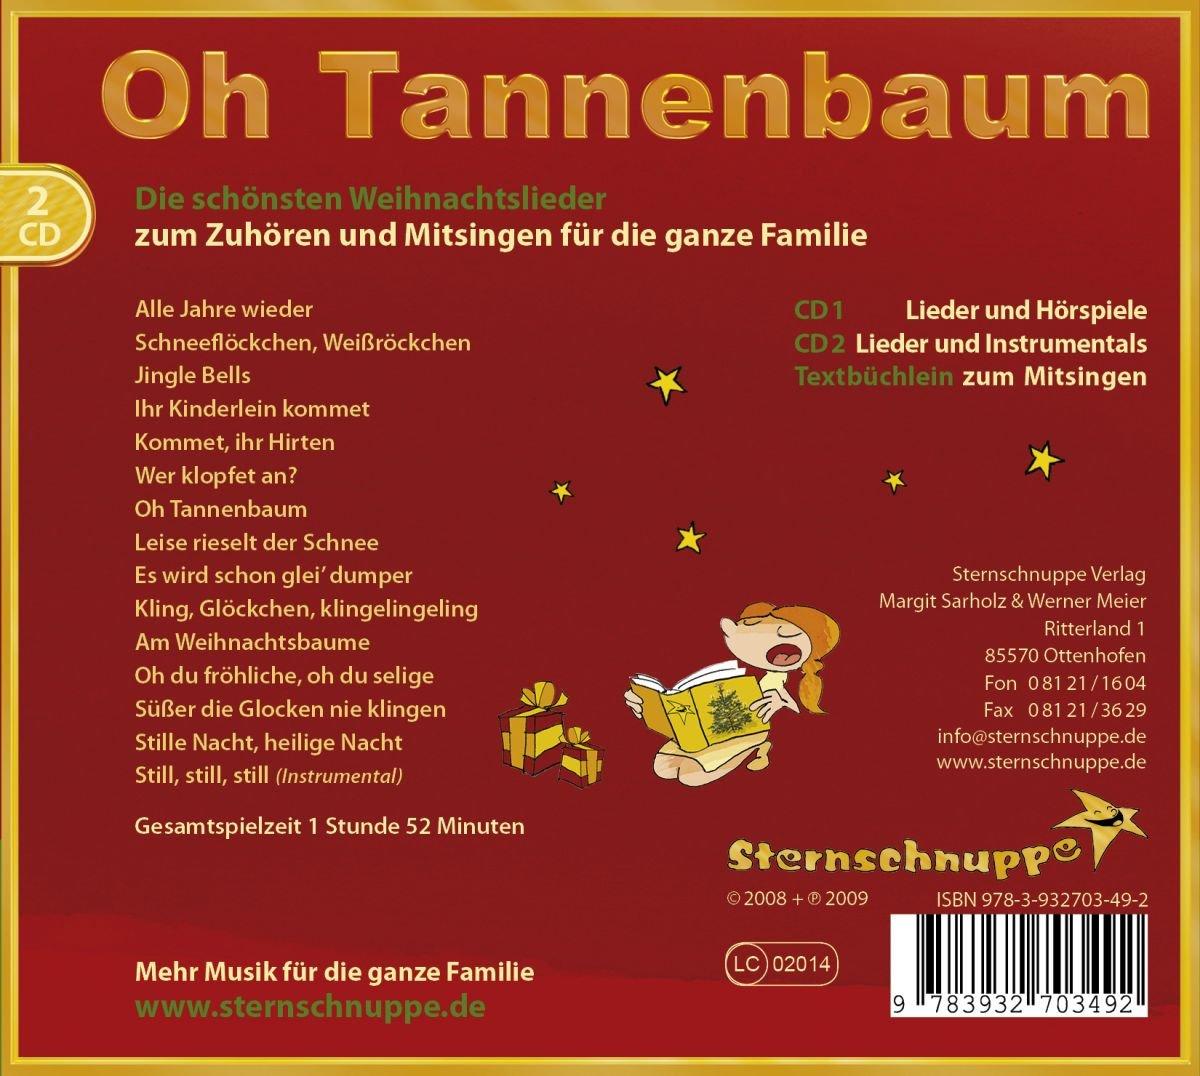 Lustige Weihnachtslieder Texte.Oh Tannenbaum Text Lustig Weihnachten 2019